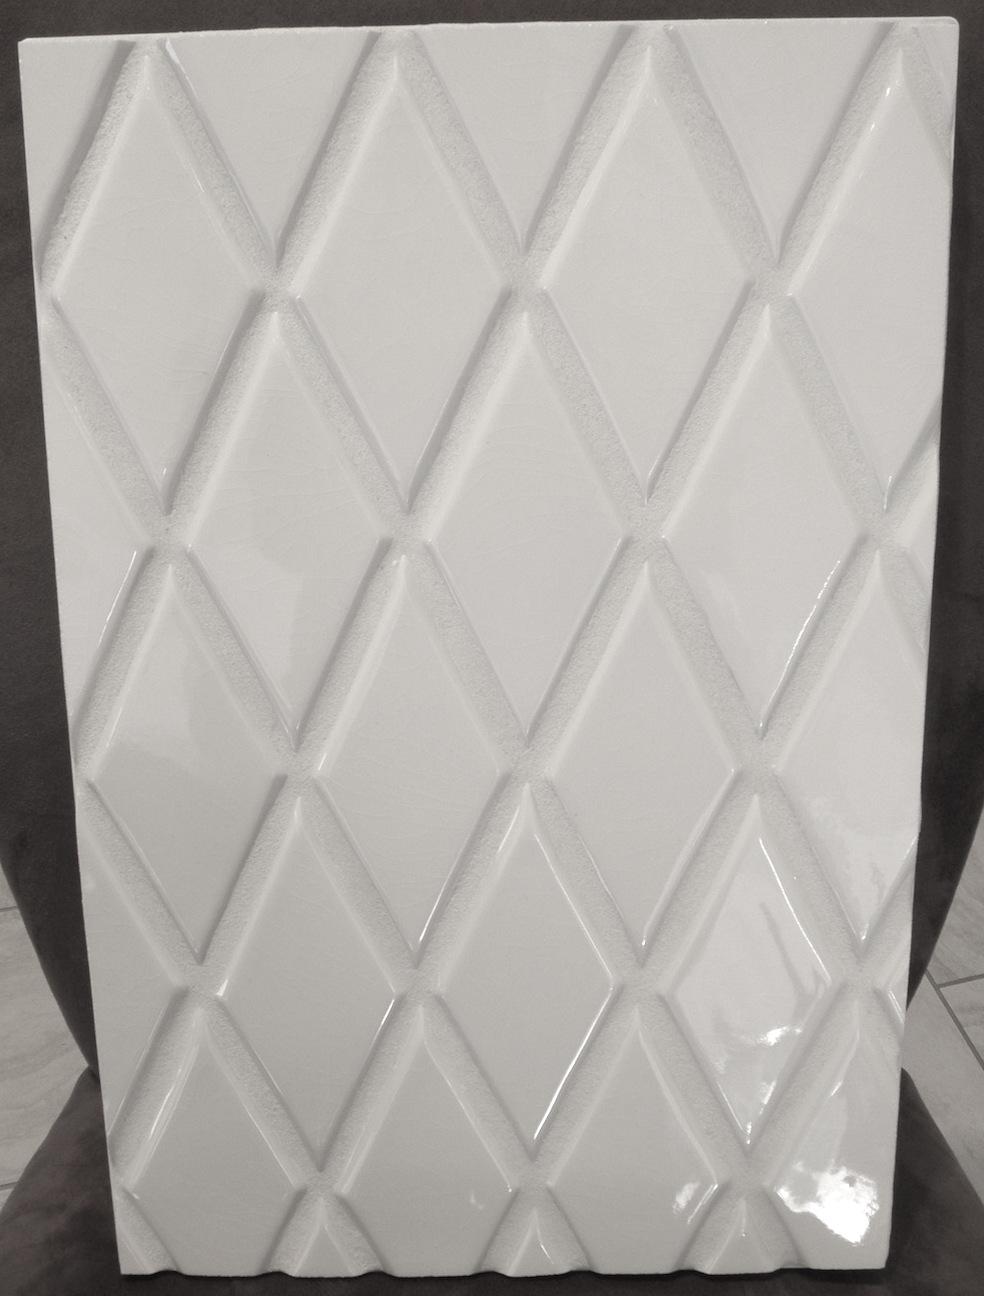 Hc White Le Ii Harlequin 3x6 Beveled Edge